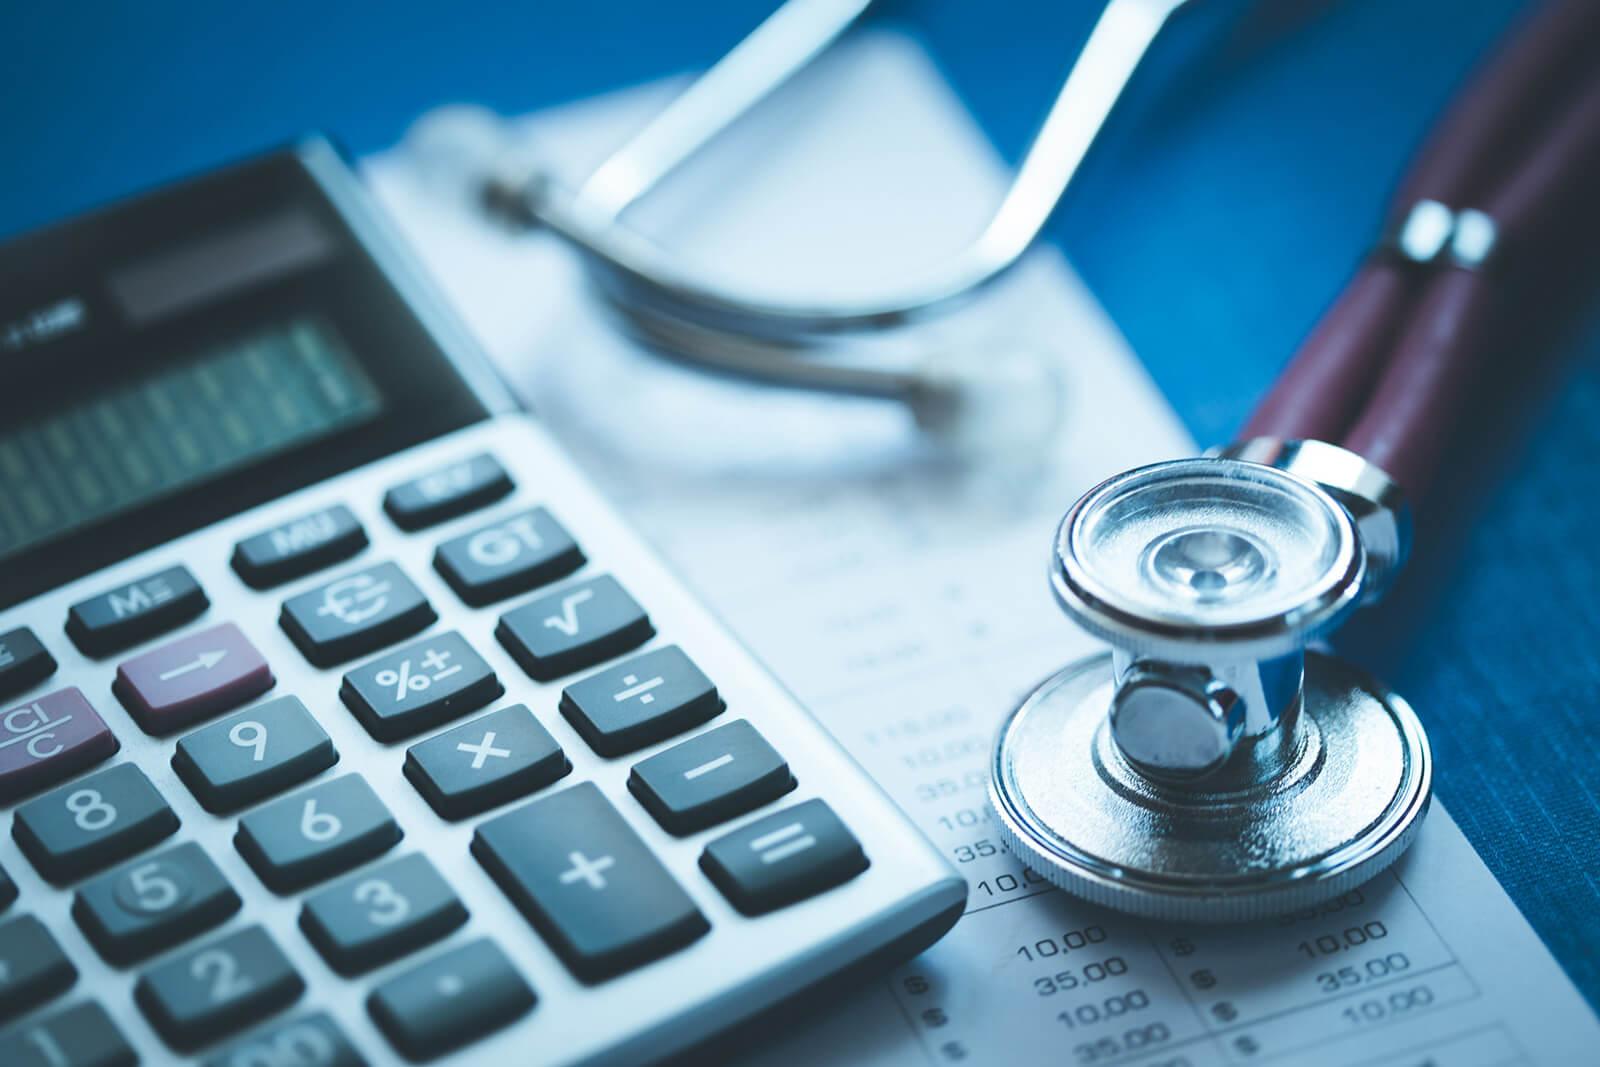 Monitor da Fundação Casa terá de pagar cota-parte de plano de saúde durante afastamento pelo INSS